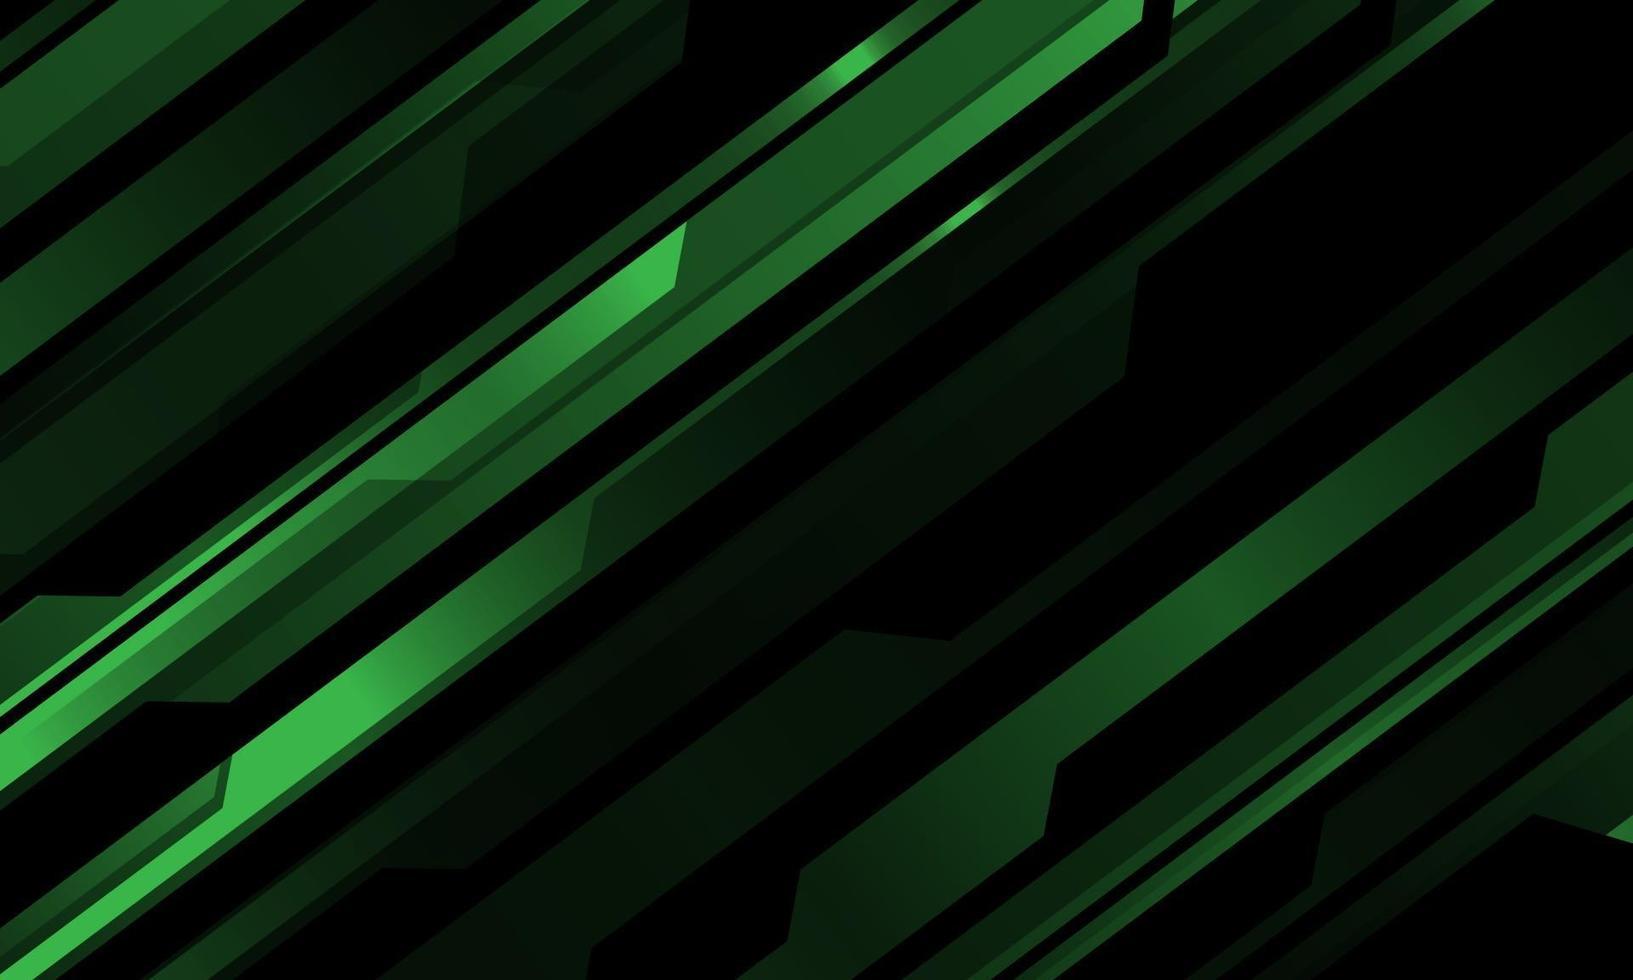 abstrakt grönt metalliskt cybermönster på svart design modern teknik futuristisk bakgrundsvektorillustration. vektor